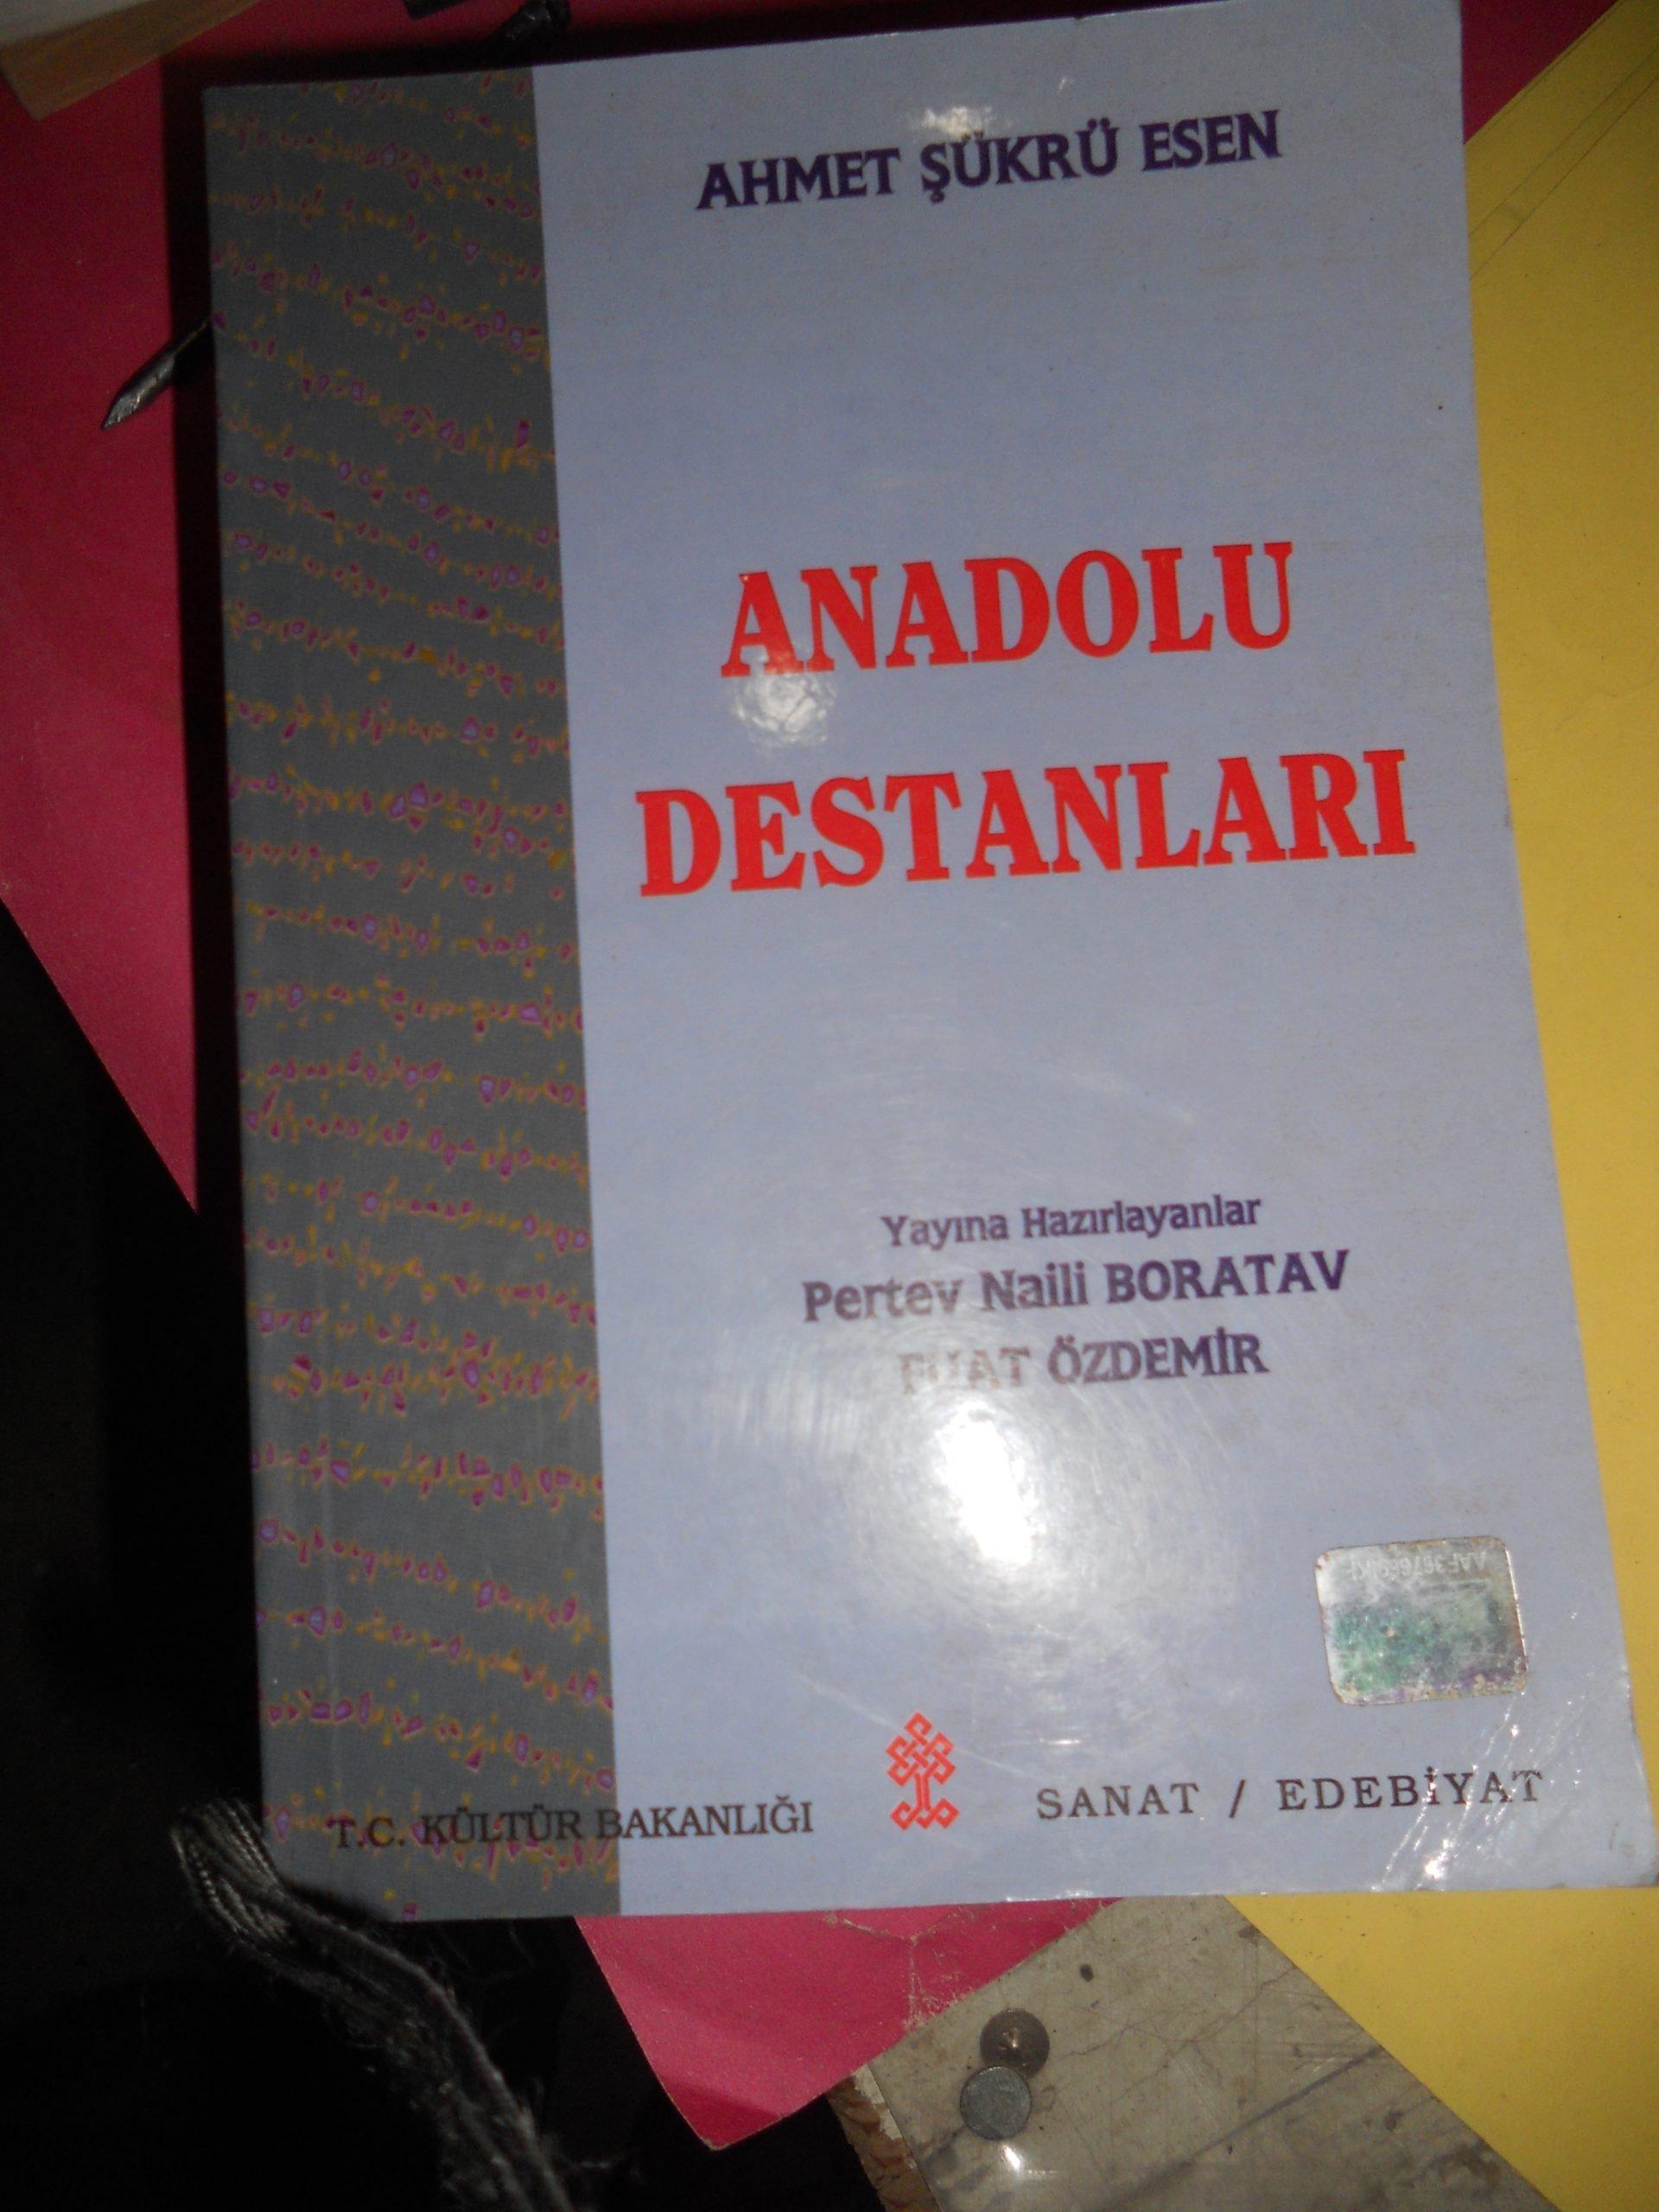 ANADOLU DESTANLARI/AHMET ŞÜKRÜ ESEN/10 TL